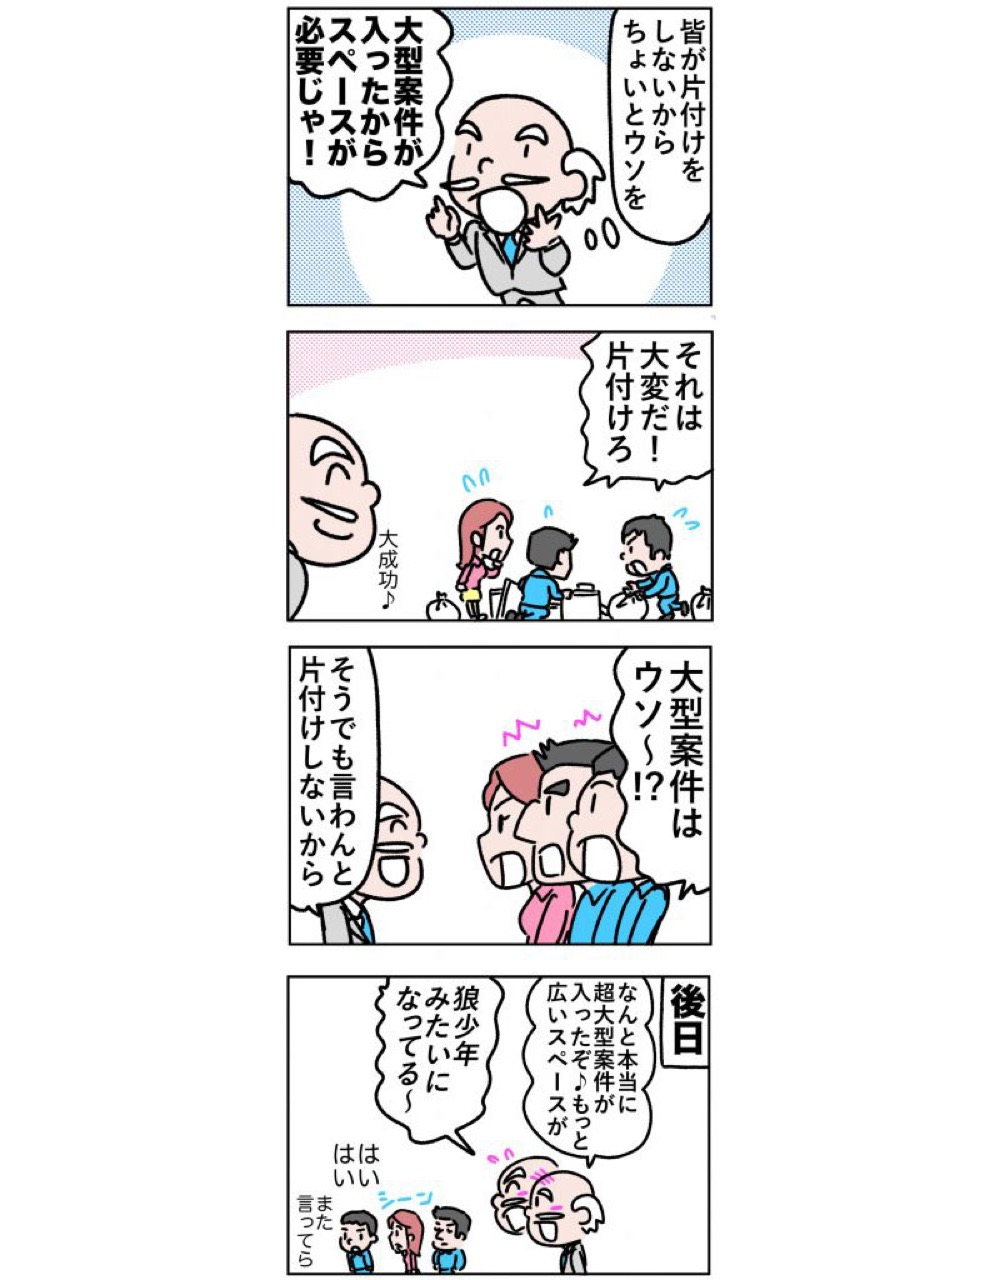 柿内_KZ法9_002